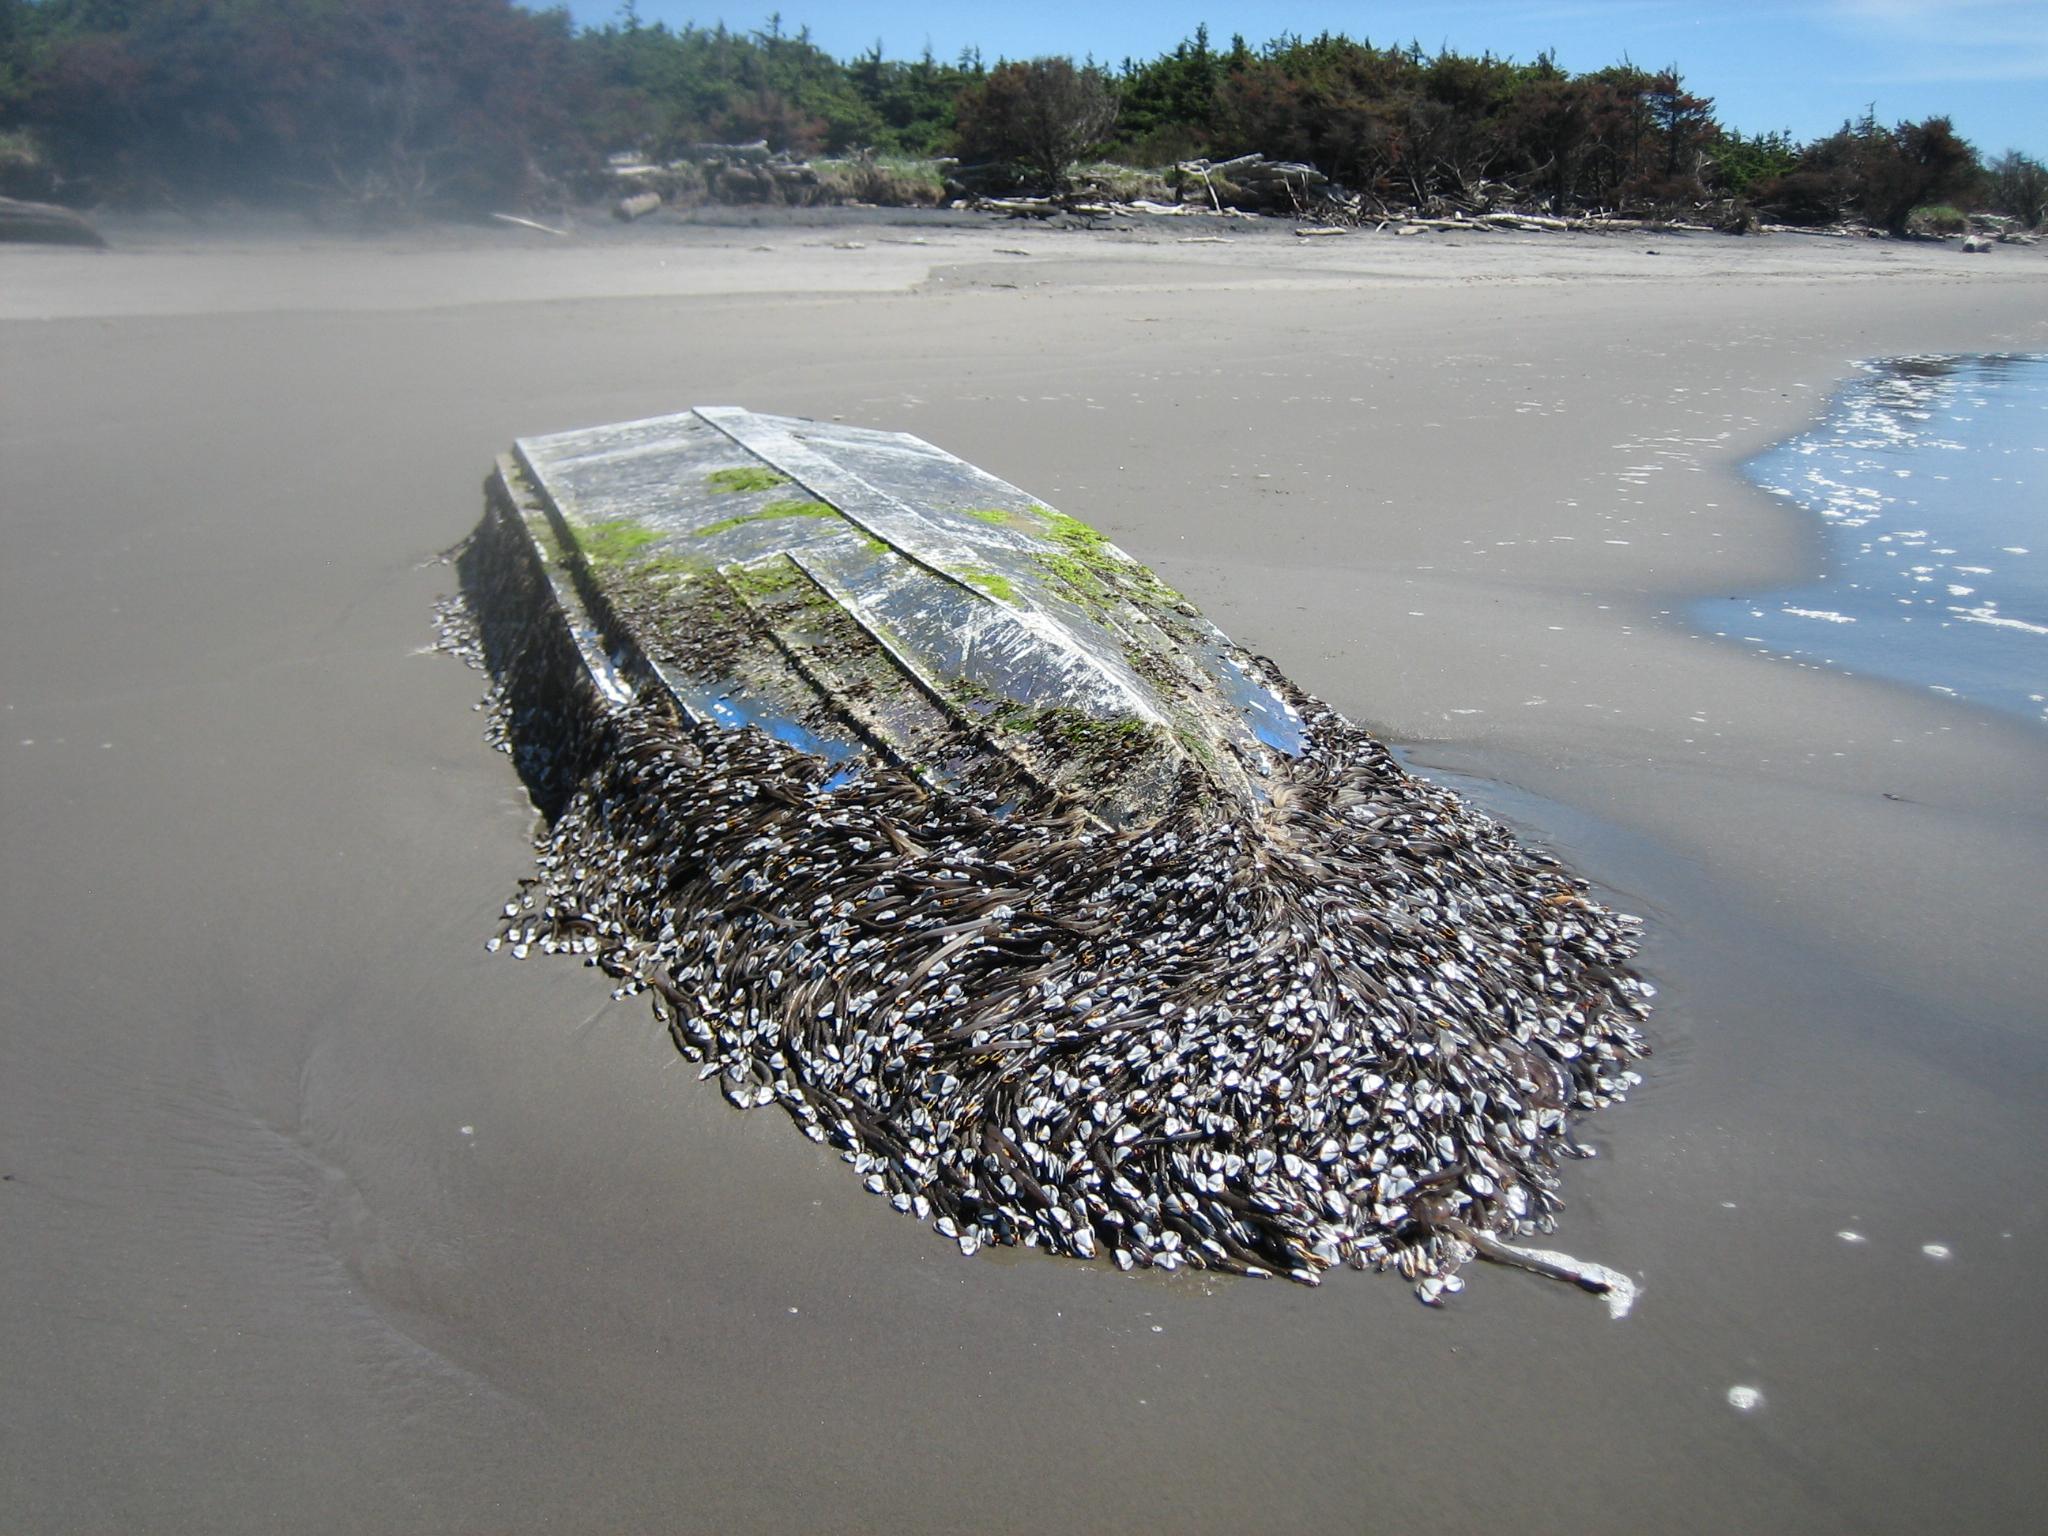 More Tsunami Debris: This Time On The Washington Coast